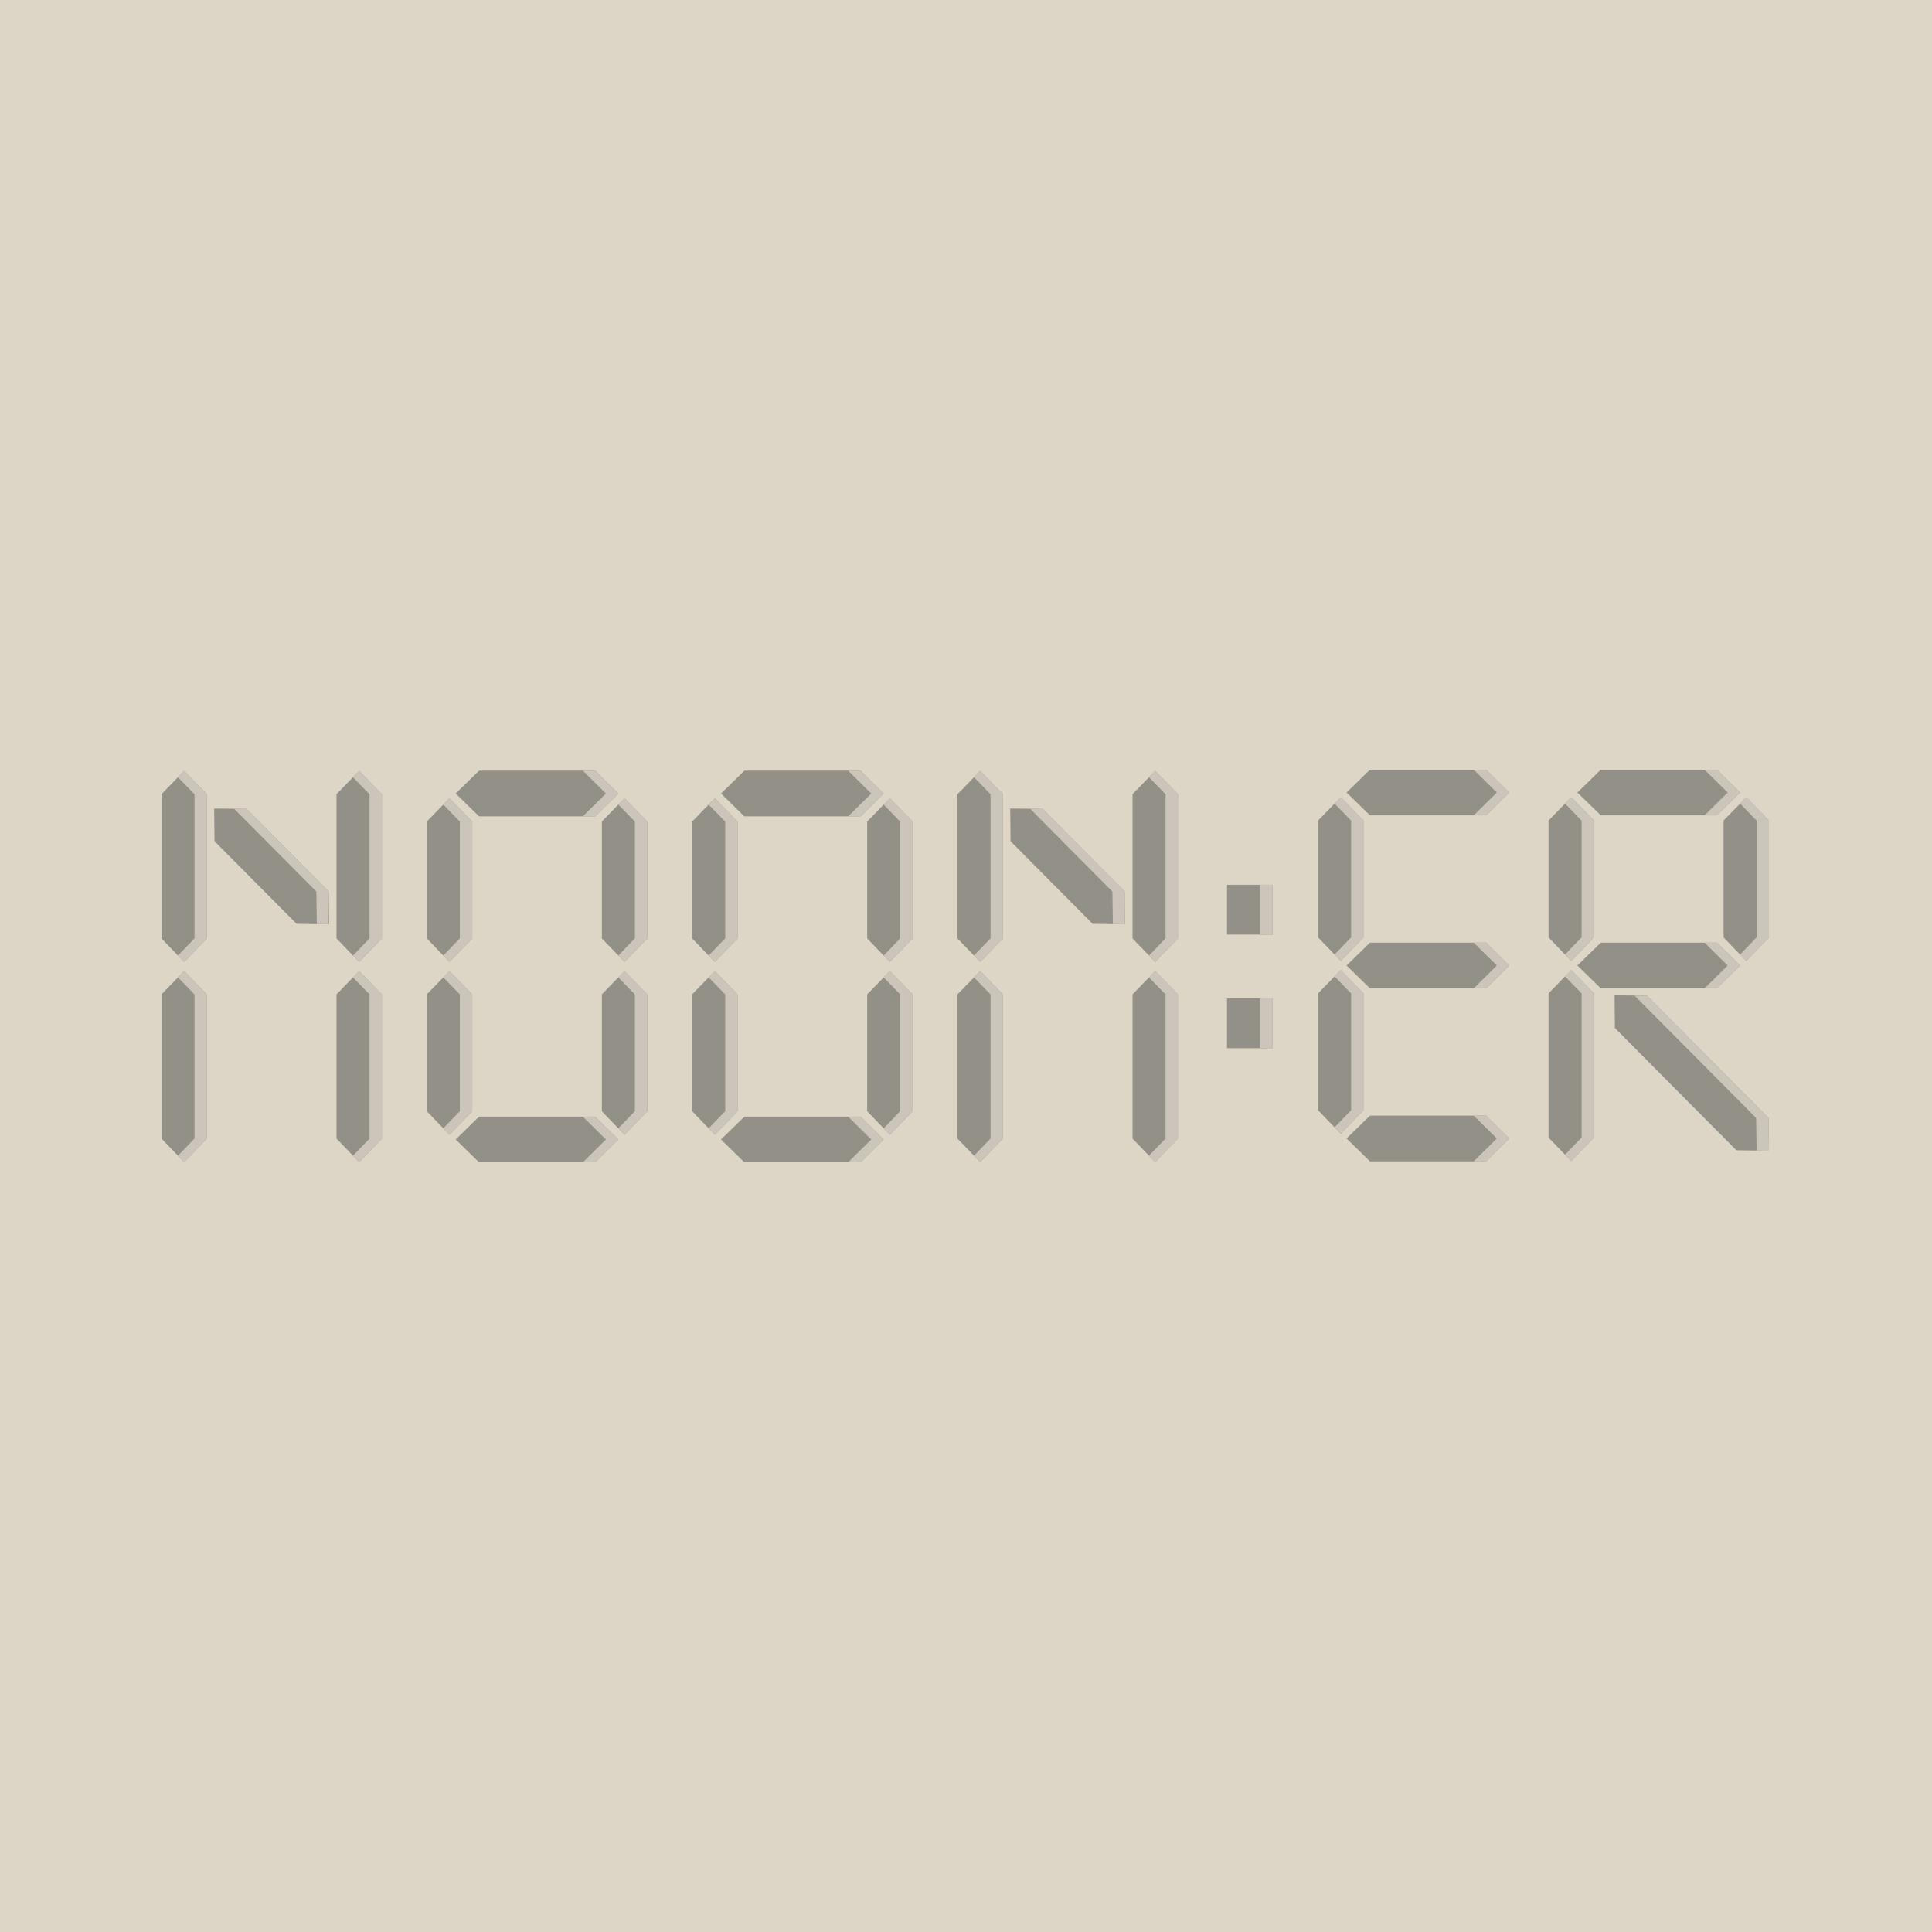 logos_0051_nooner.jpg